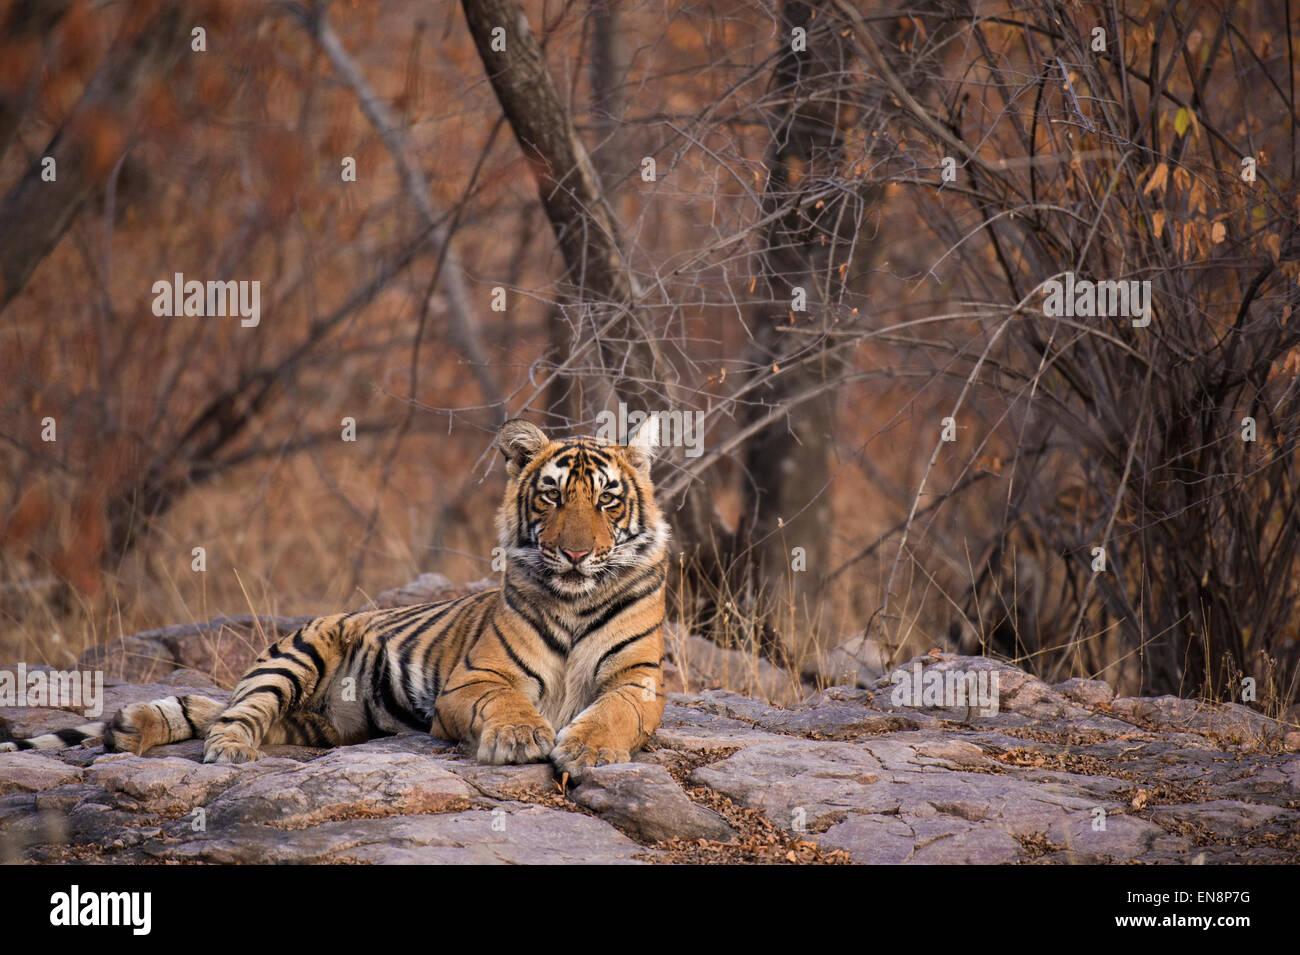 Sub tigre adulto sentado en la tierra rocosa en el parque nacional de Ranthambhore en India Imagen De Stock